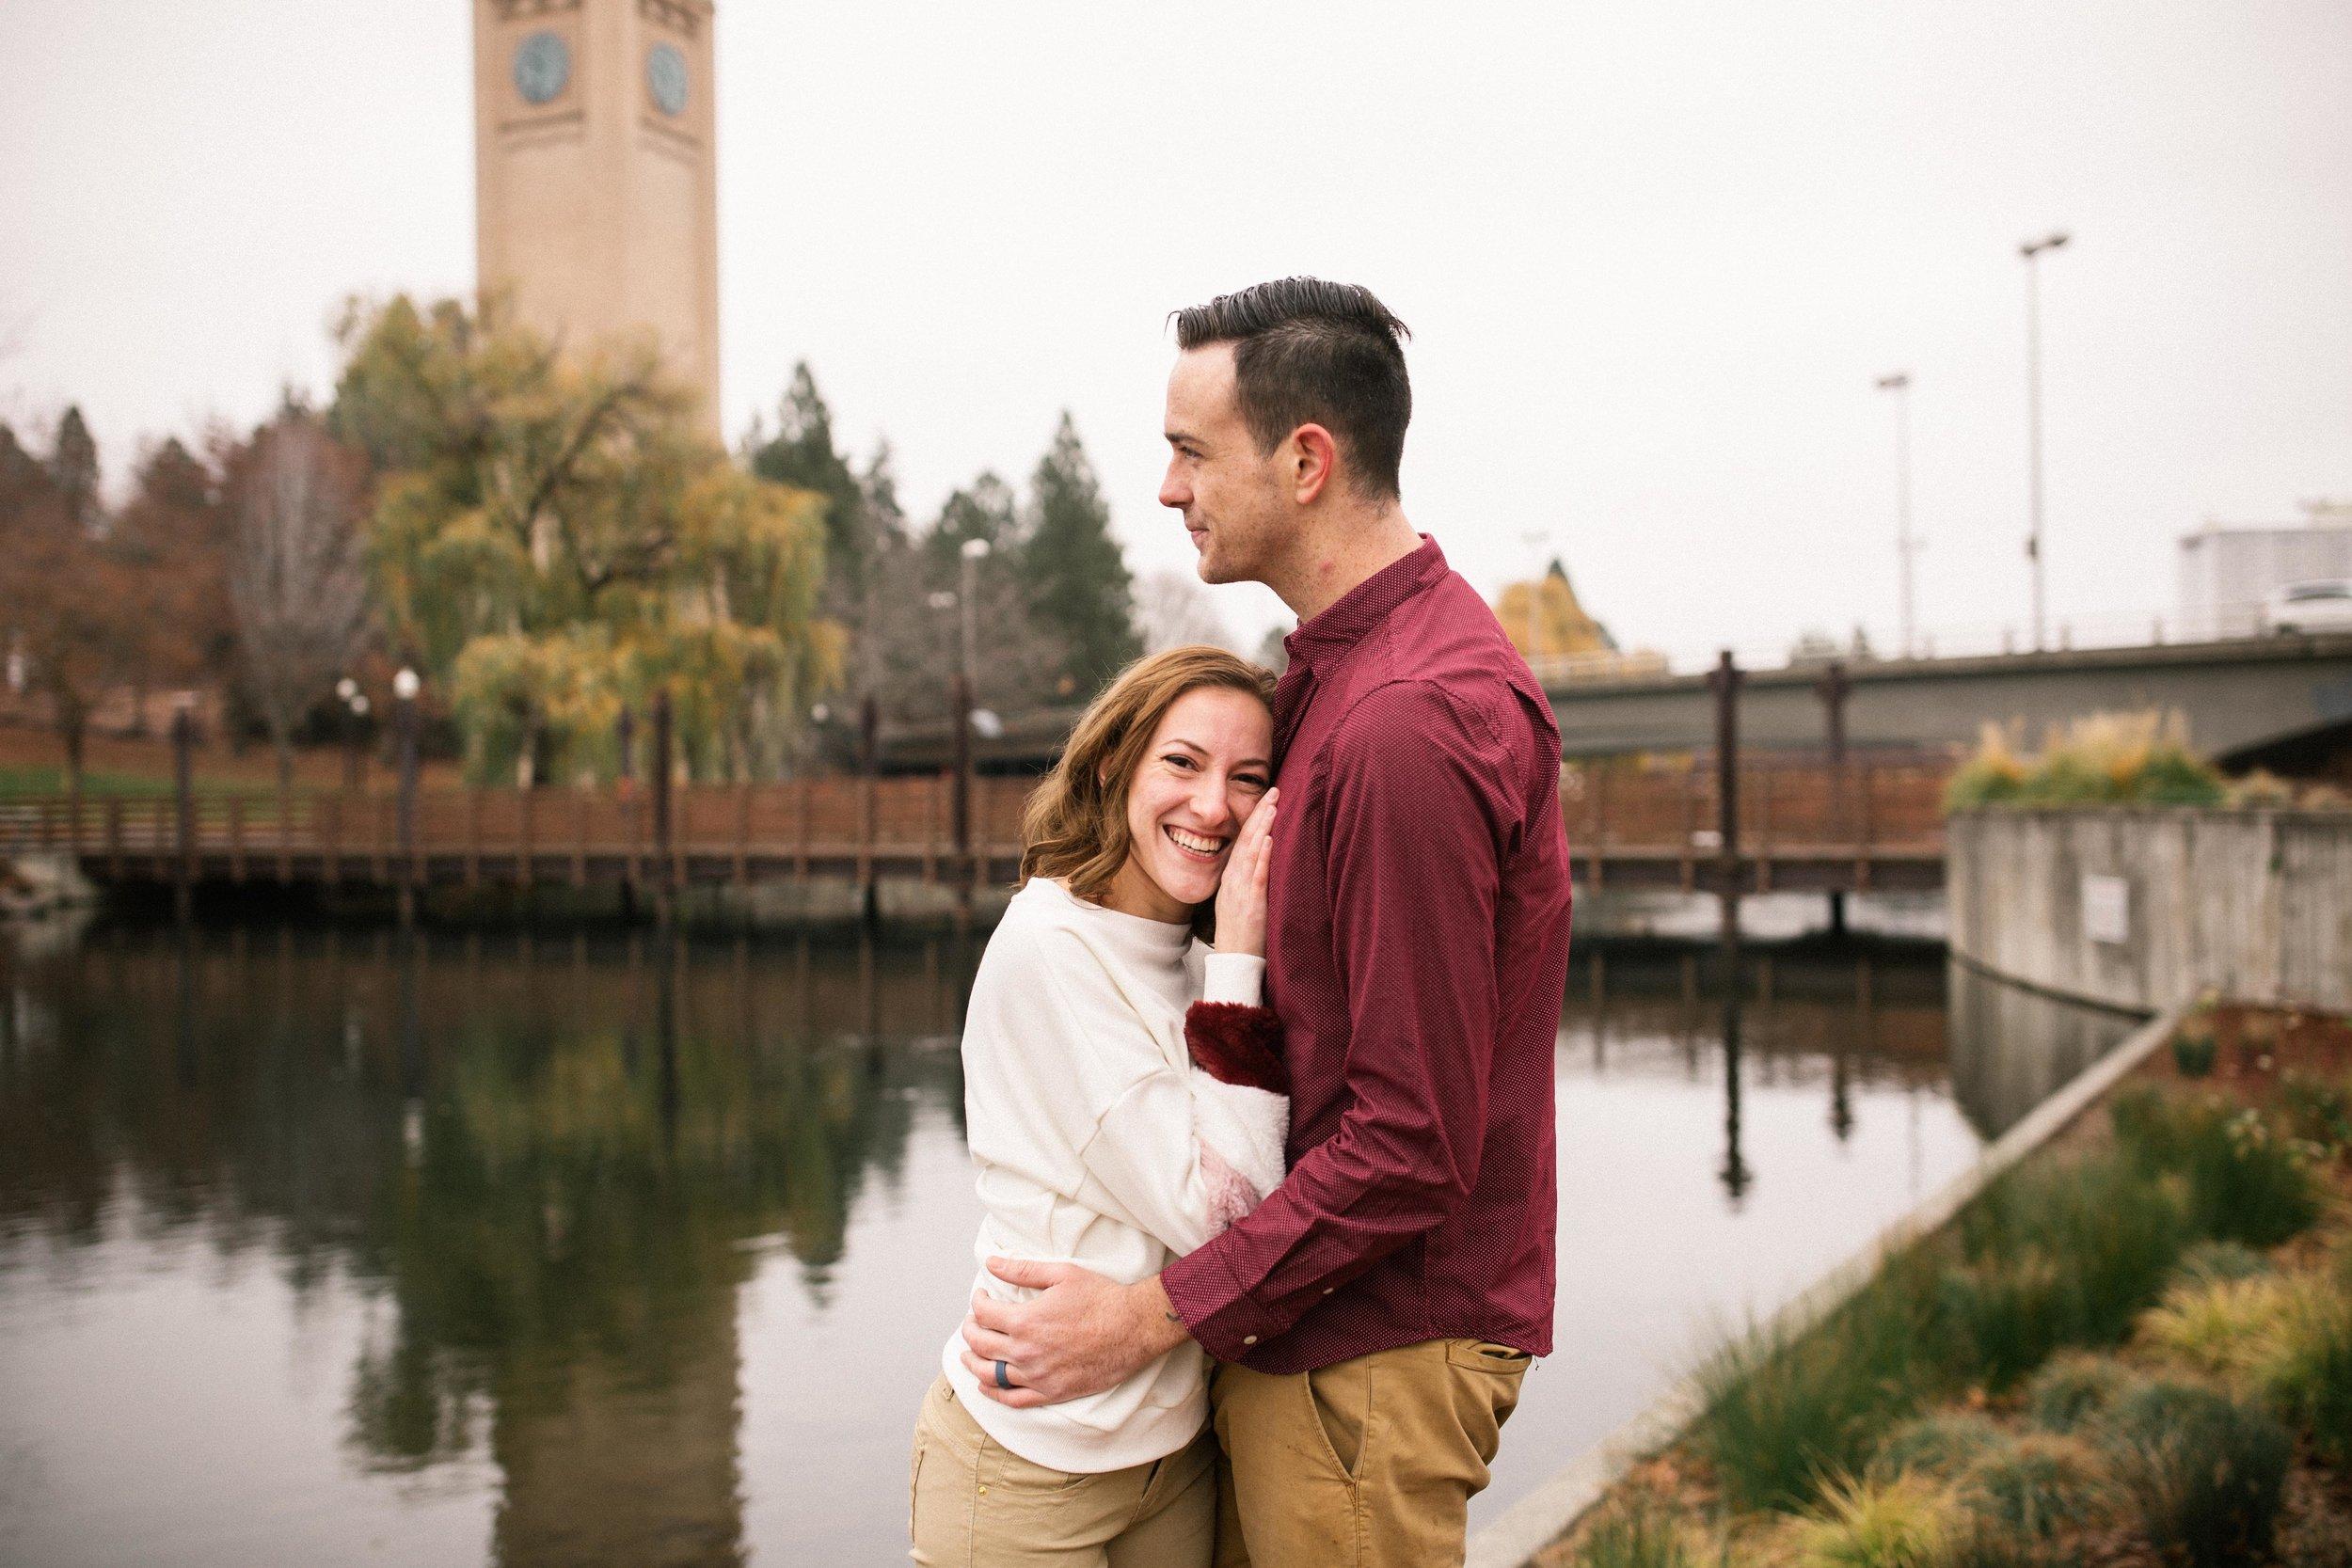 Izzy&Jacob-Engaged!BLOG-10.jpg